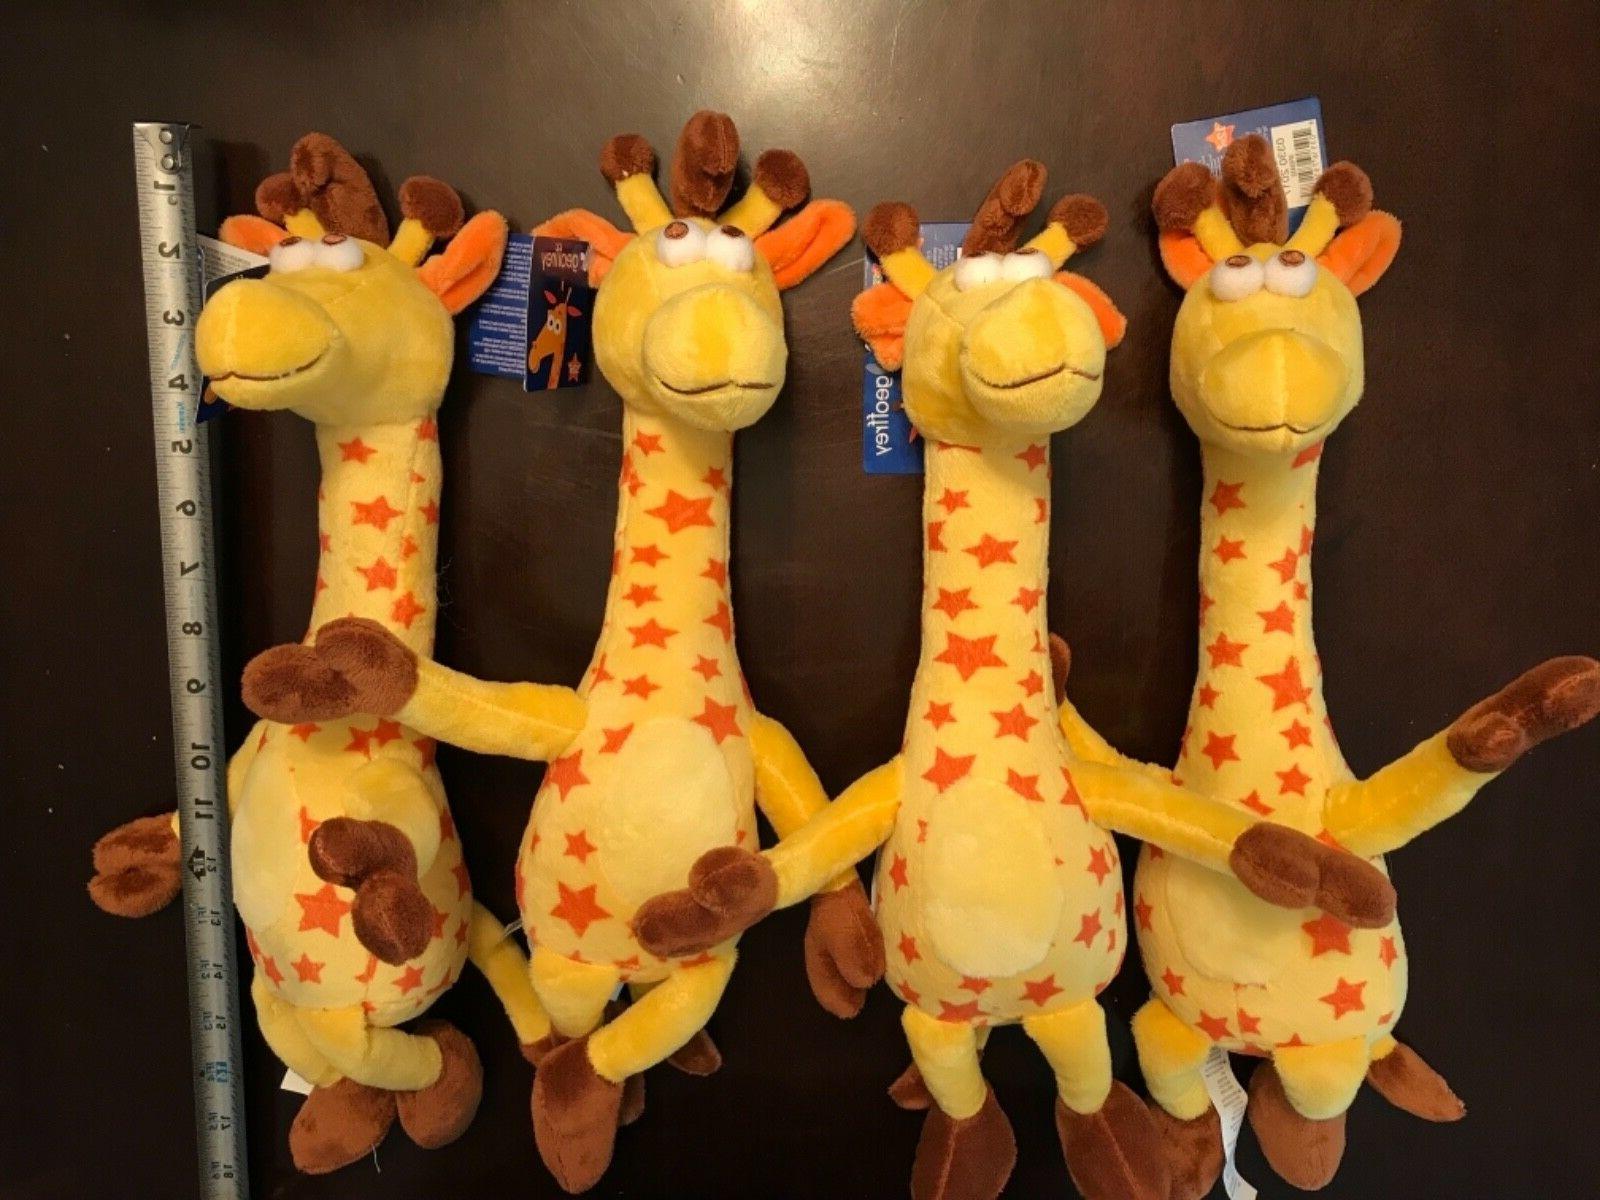 geoffrey giraffe plush stuffed animal by toys